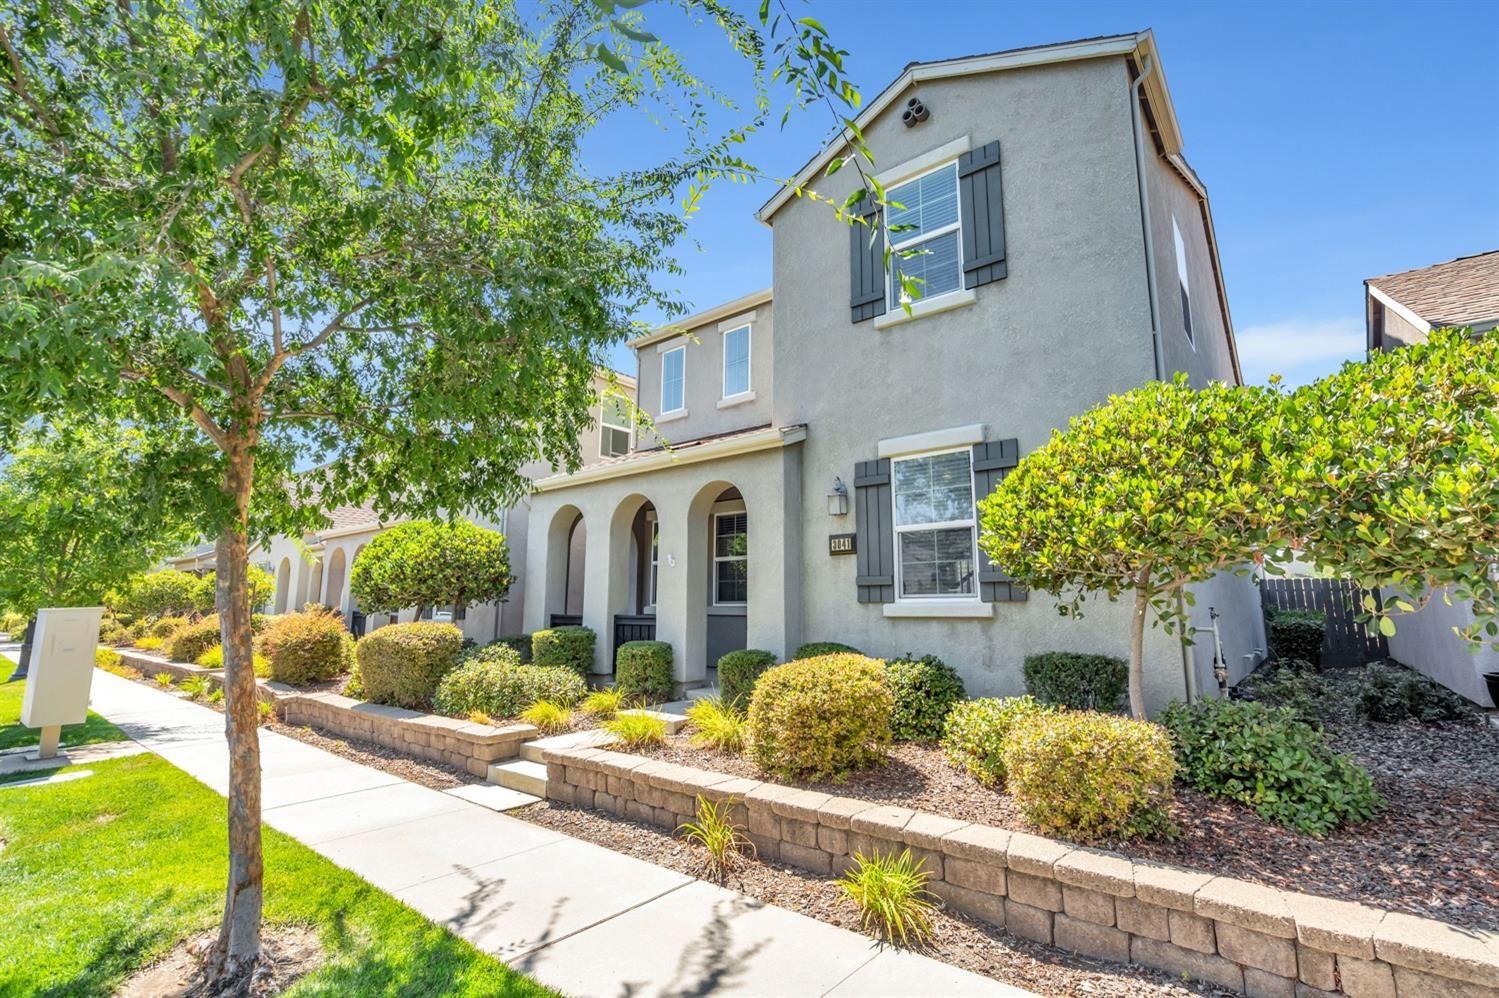 3041 Ardley Drive, Roseville, CA 95747 - MLS#: 221088656